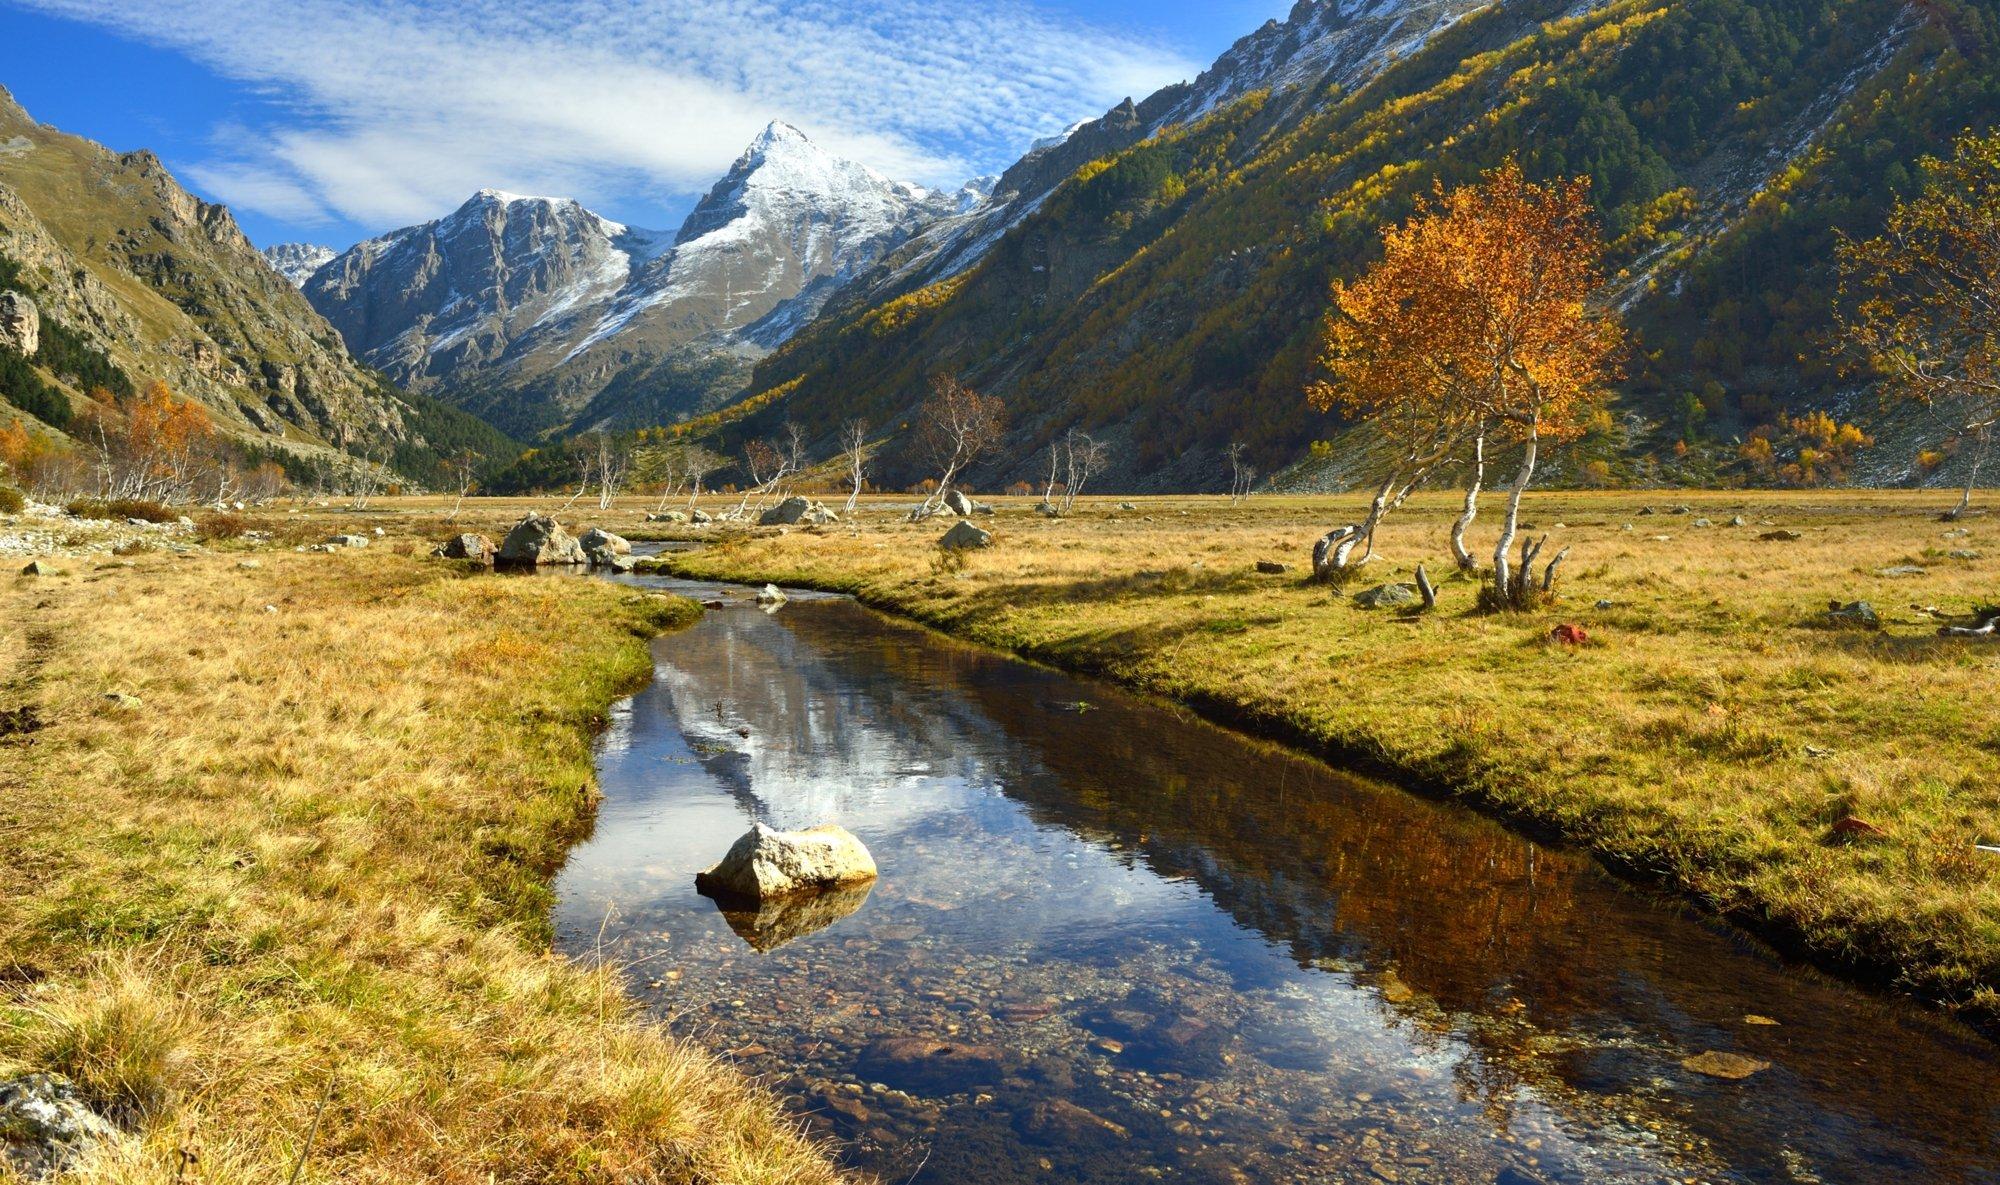 горы осень узункол мырды ручей, Александр Жарников